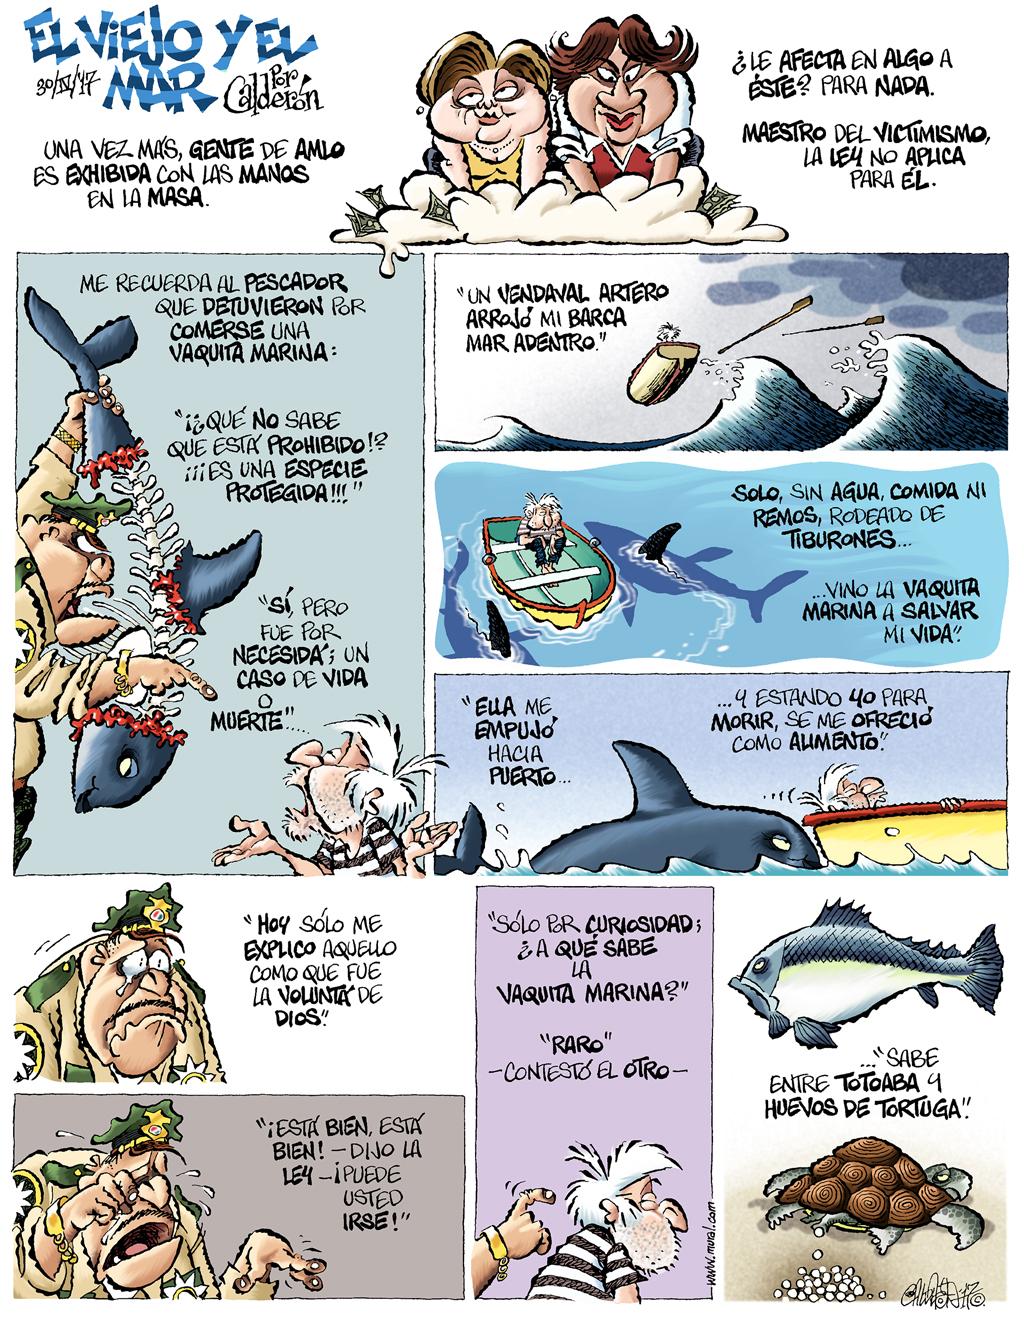 El viejo y el mar - Calderón